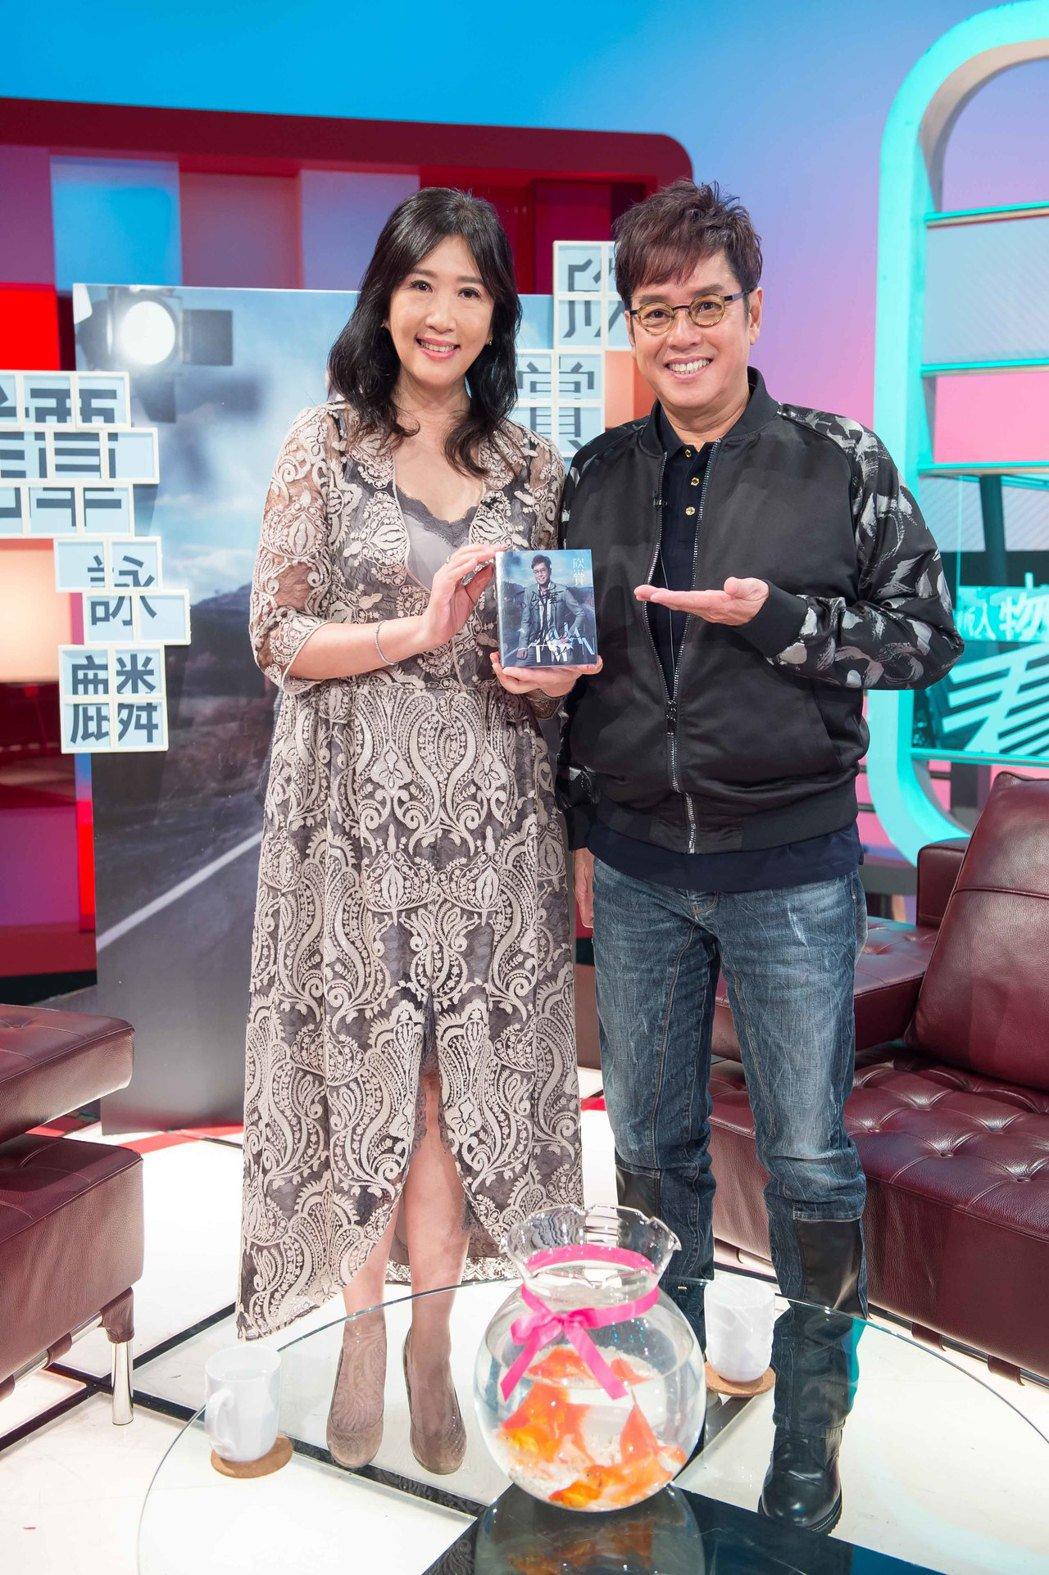 譚詠麟(右)上「TVBS看板人物」。圖/TVBS提供